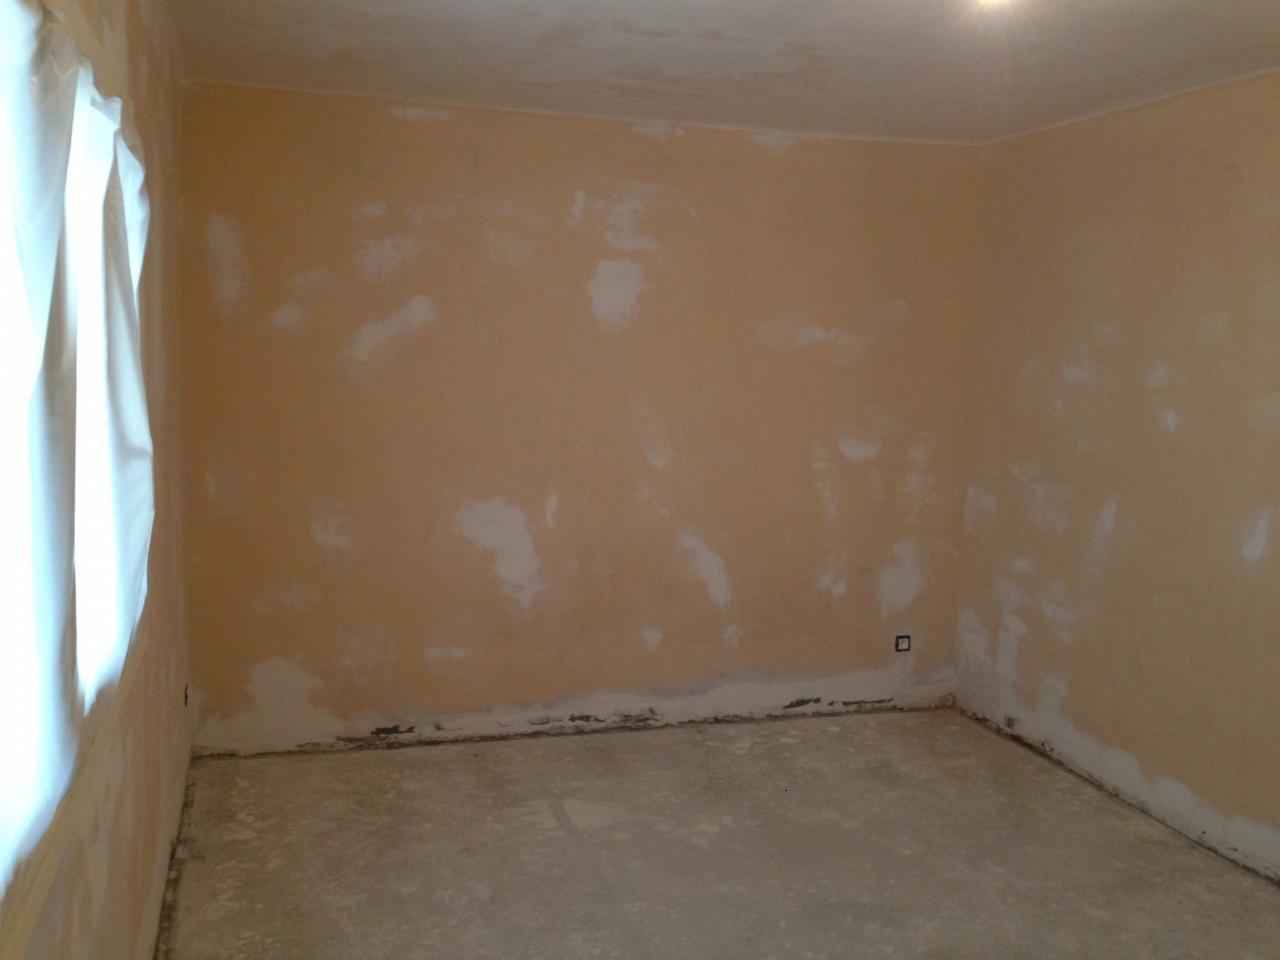 Ponçage murs et plafond, evacuation lino